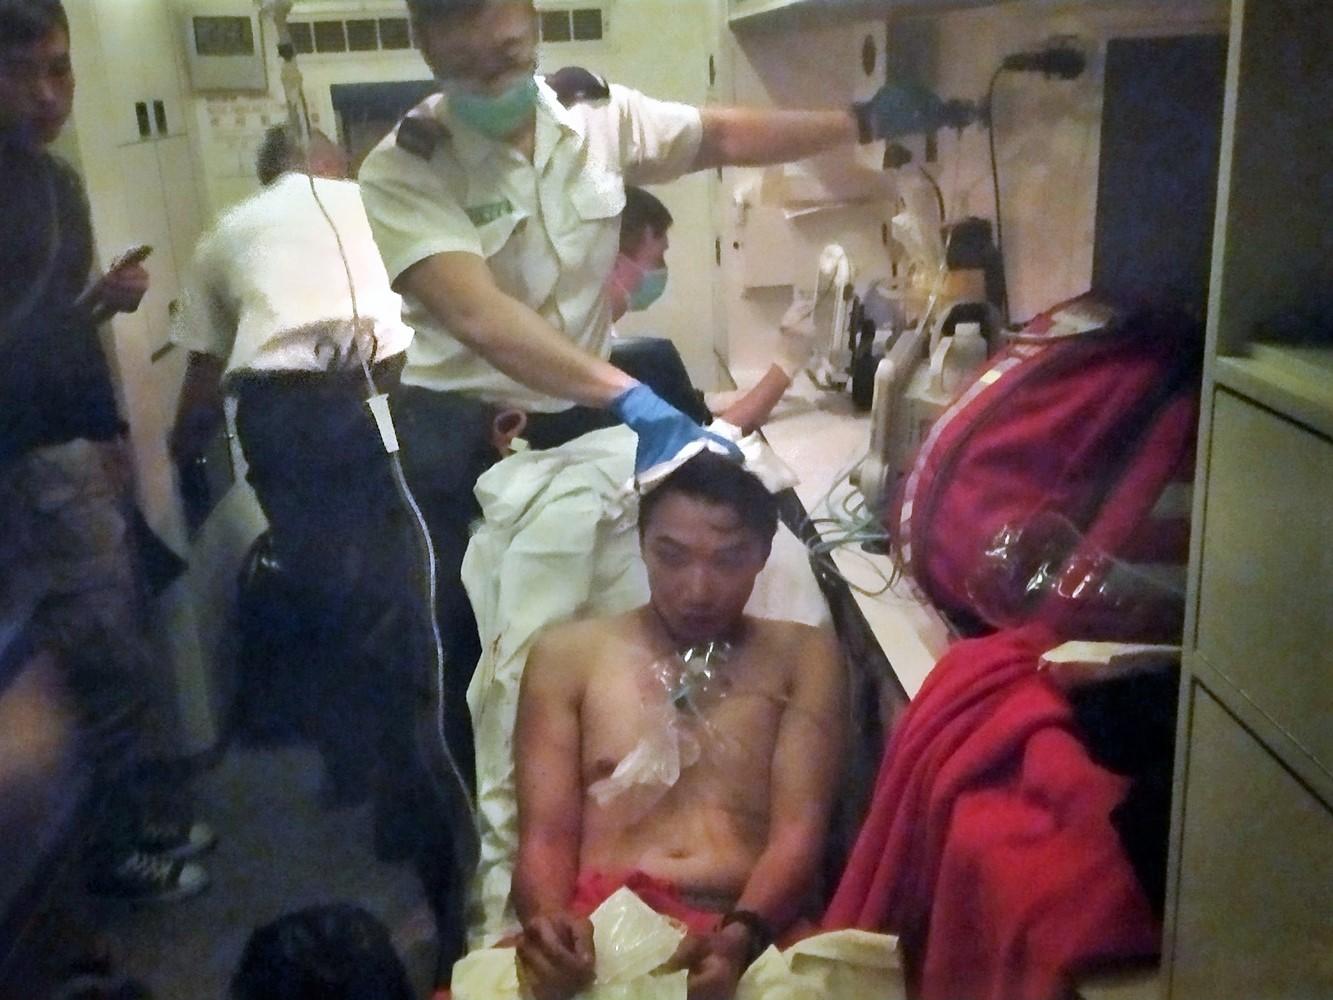 岑子杰遇襲受傷引起各界關注。網上圖片